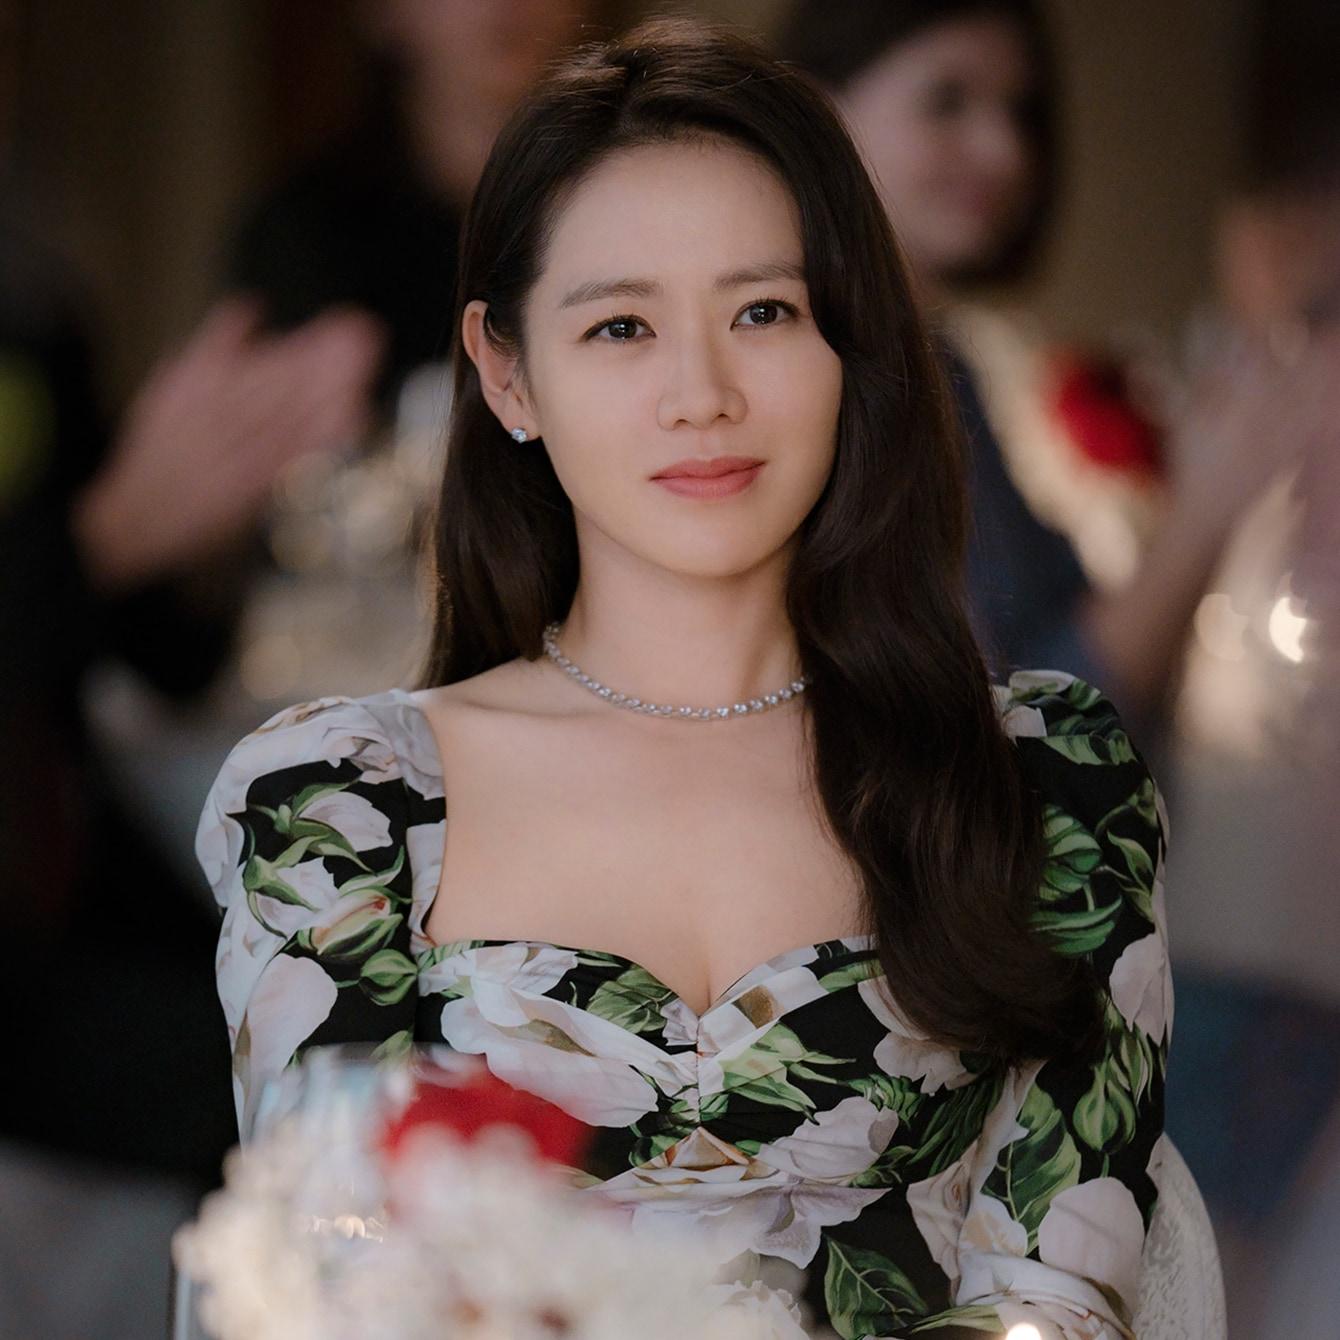 40歳超えても、恋はできる。アラフォー女に希望をくれた韓国ドラマ「愛の不時着」の底力